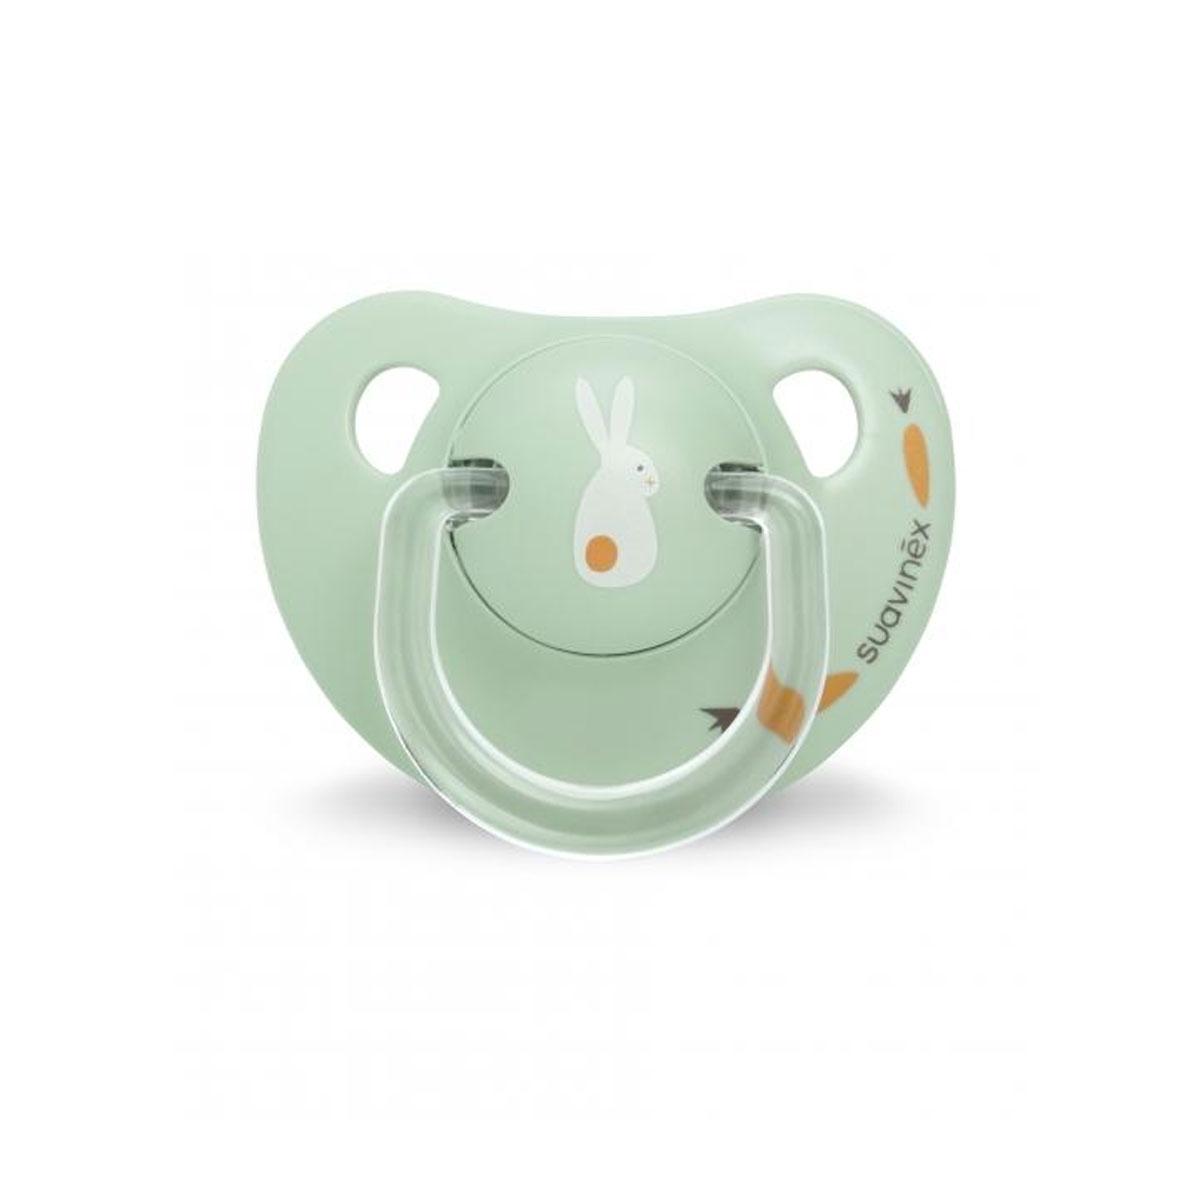 Ανατομική πιπίλα καουτσούκ green bunny 6-18m suavinex - Mommys Baby 78bdb197a2b